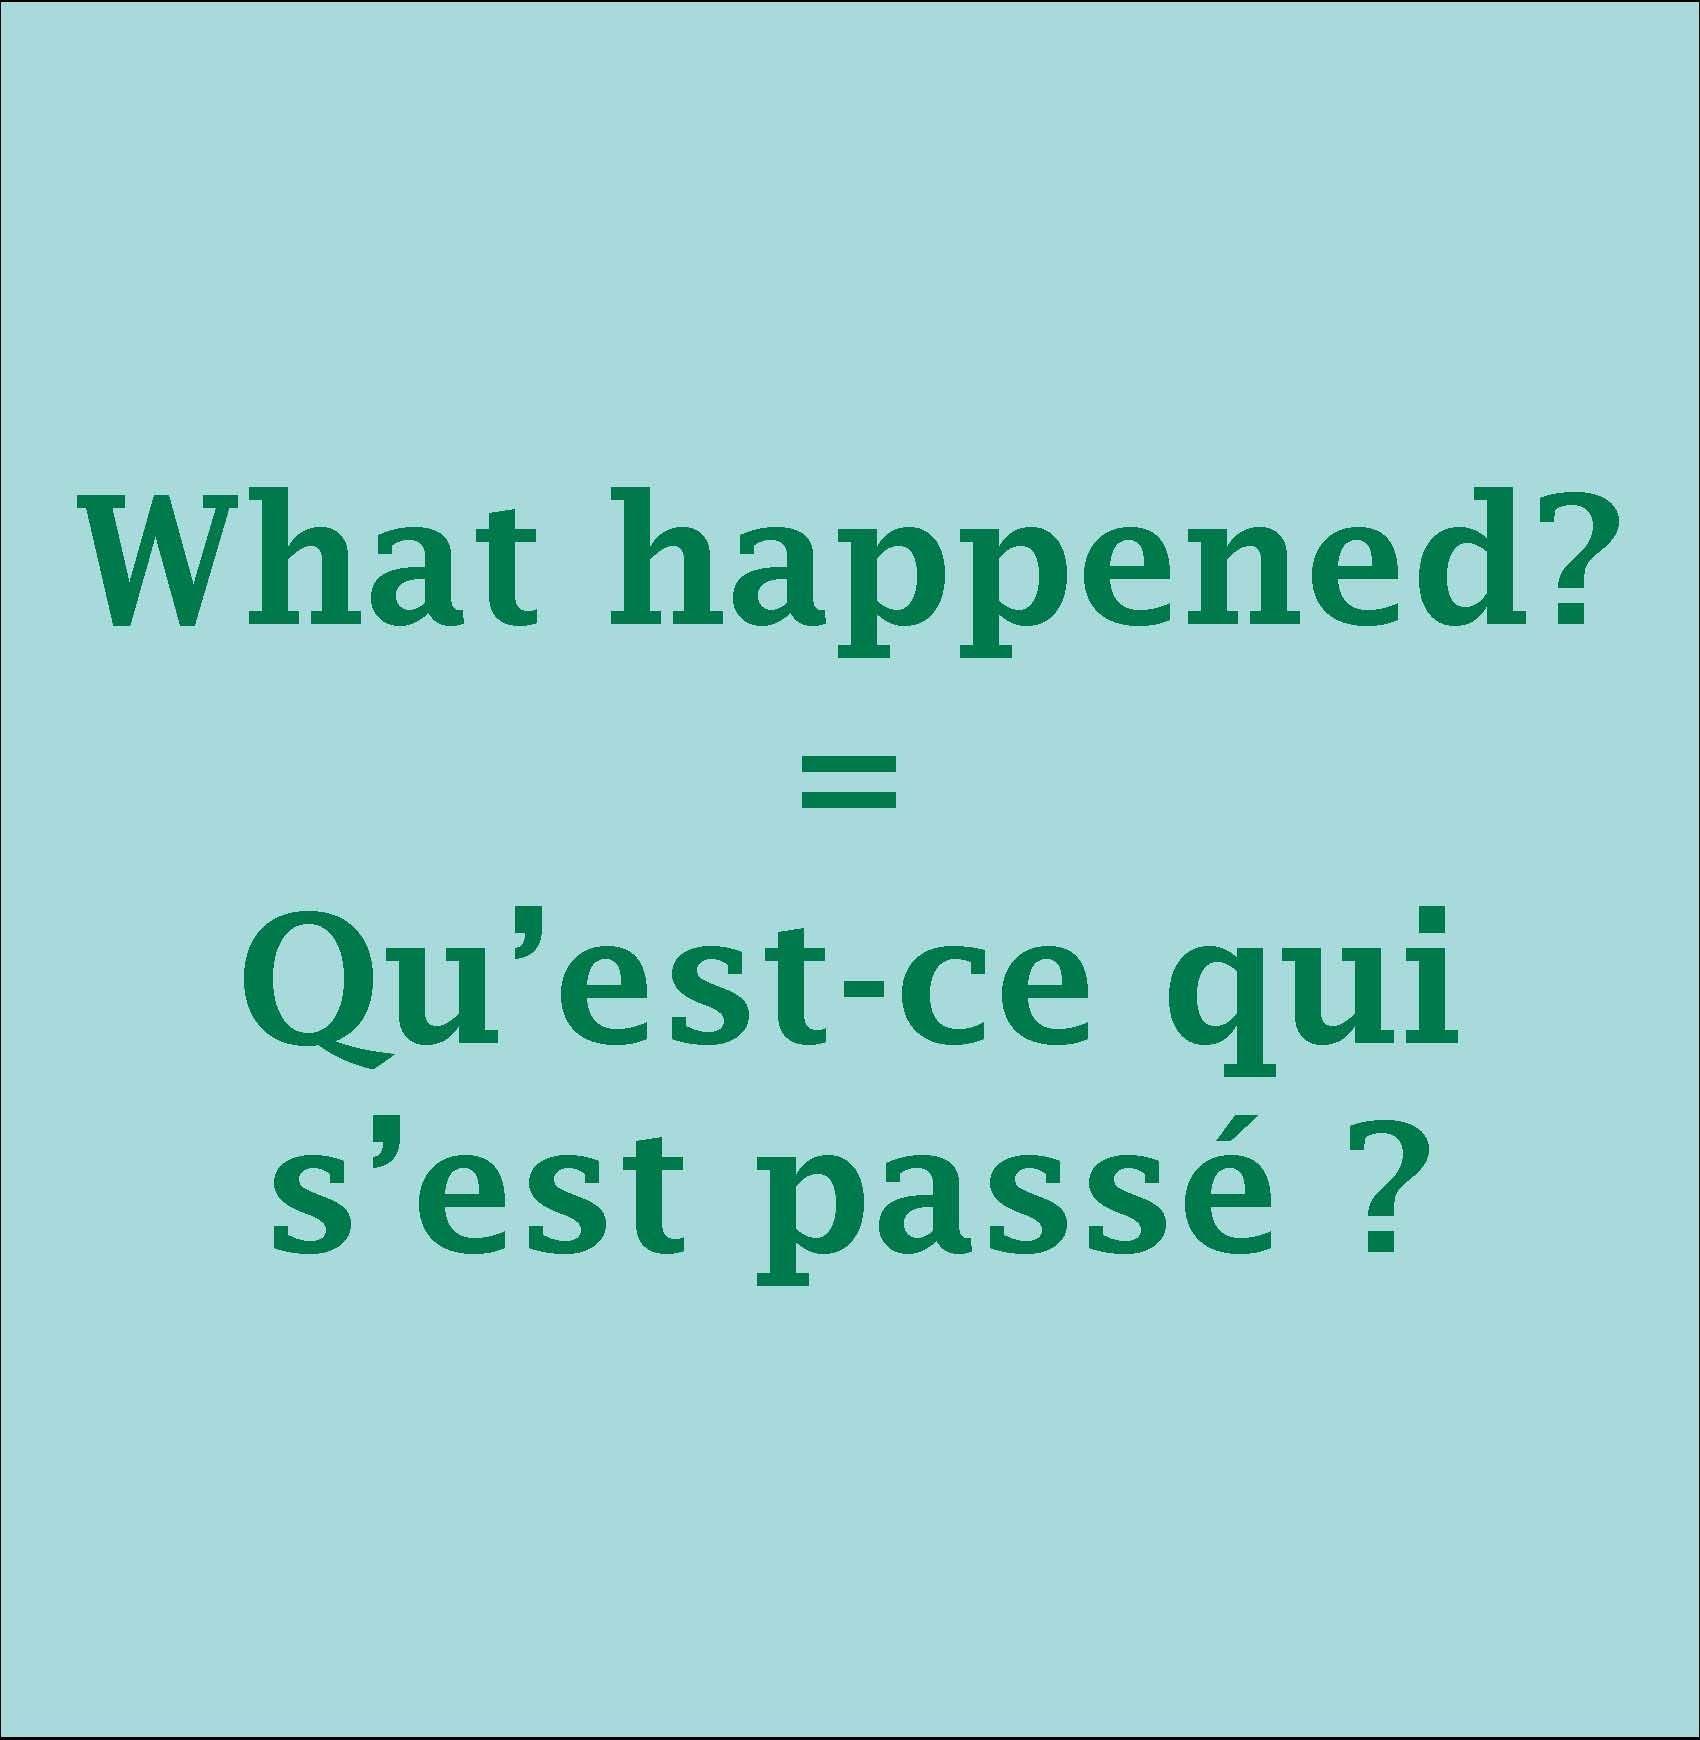 Happened Questce What Sest Pass Quiwhat Happened Qu Est Ce